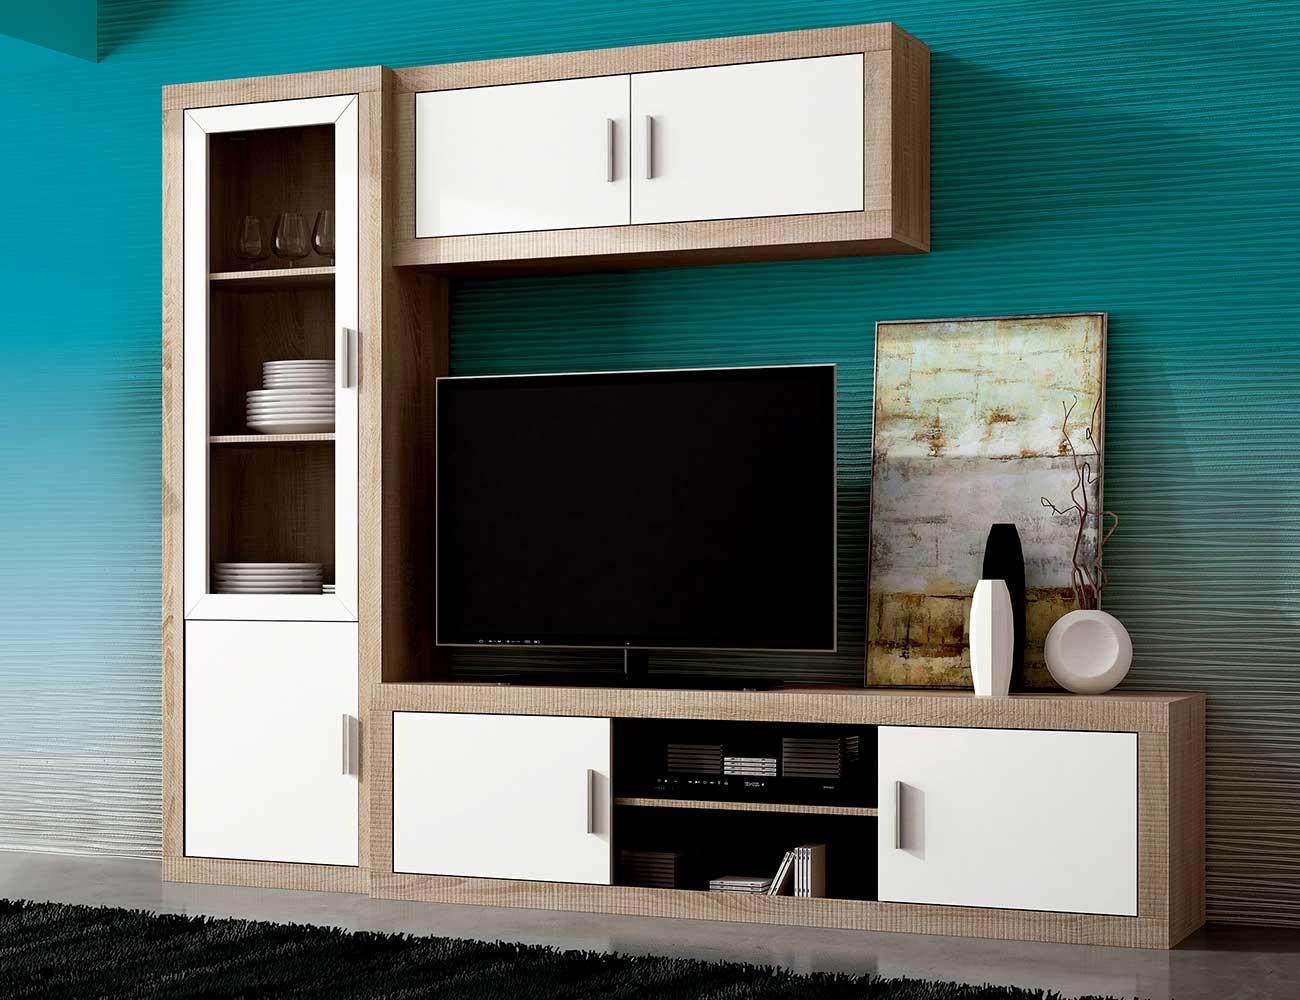 Mueble salon madera vitrina tv vitrina cristal cambrian blanco